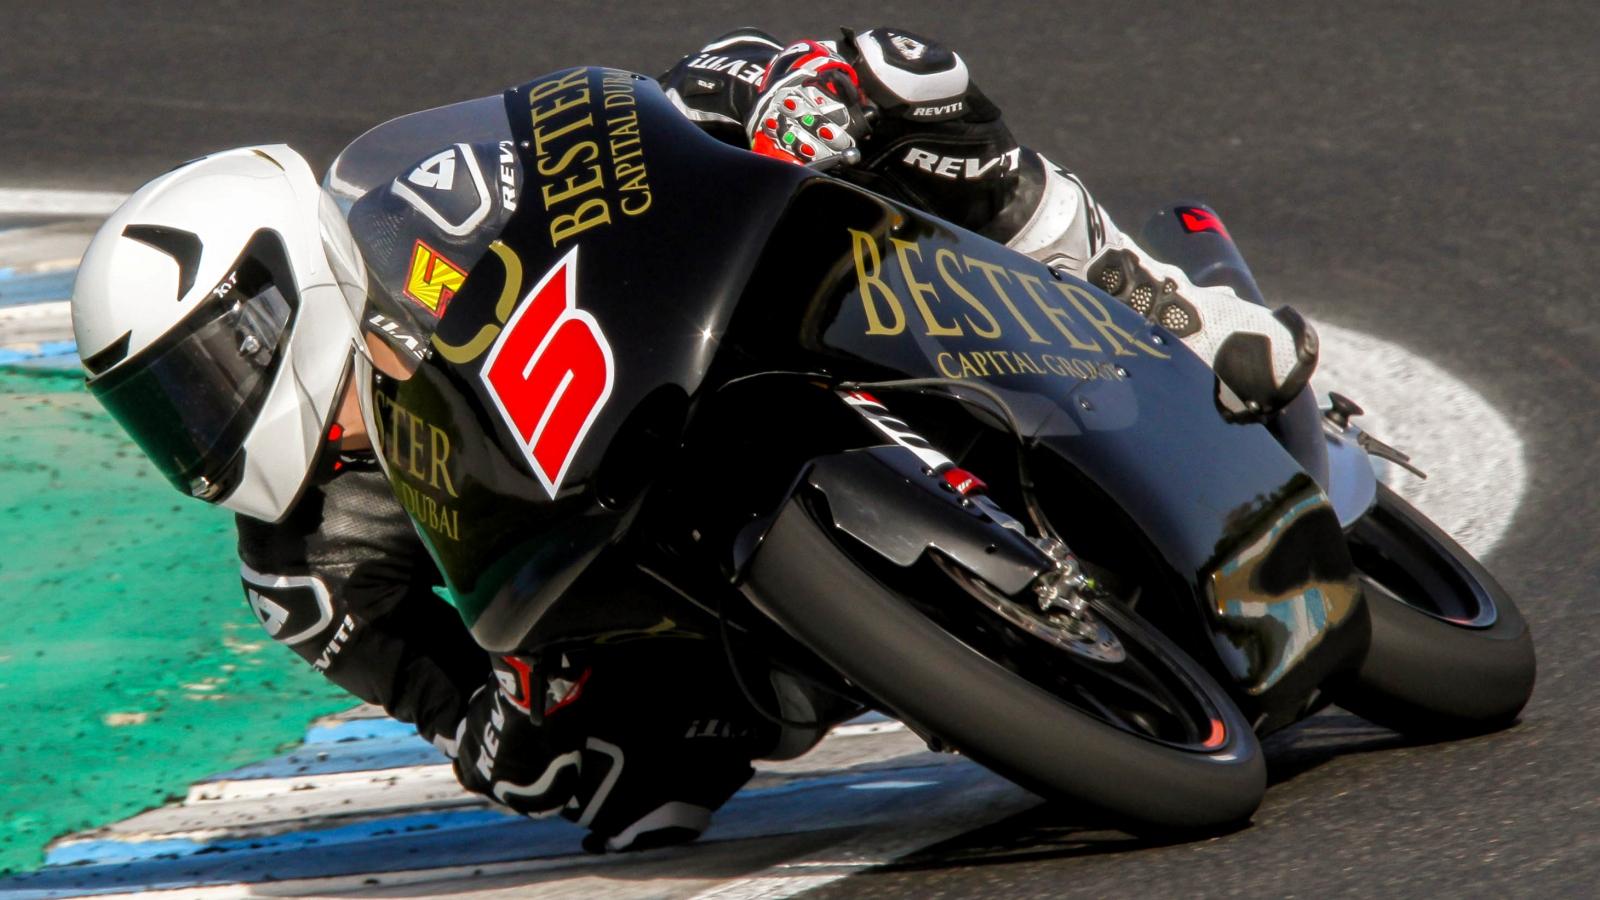 Jaume Masiá evita el quirófano y podrá estar en el GP de Qatar de Moto3 2019